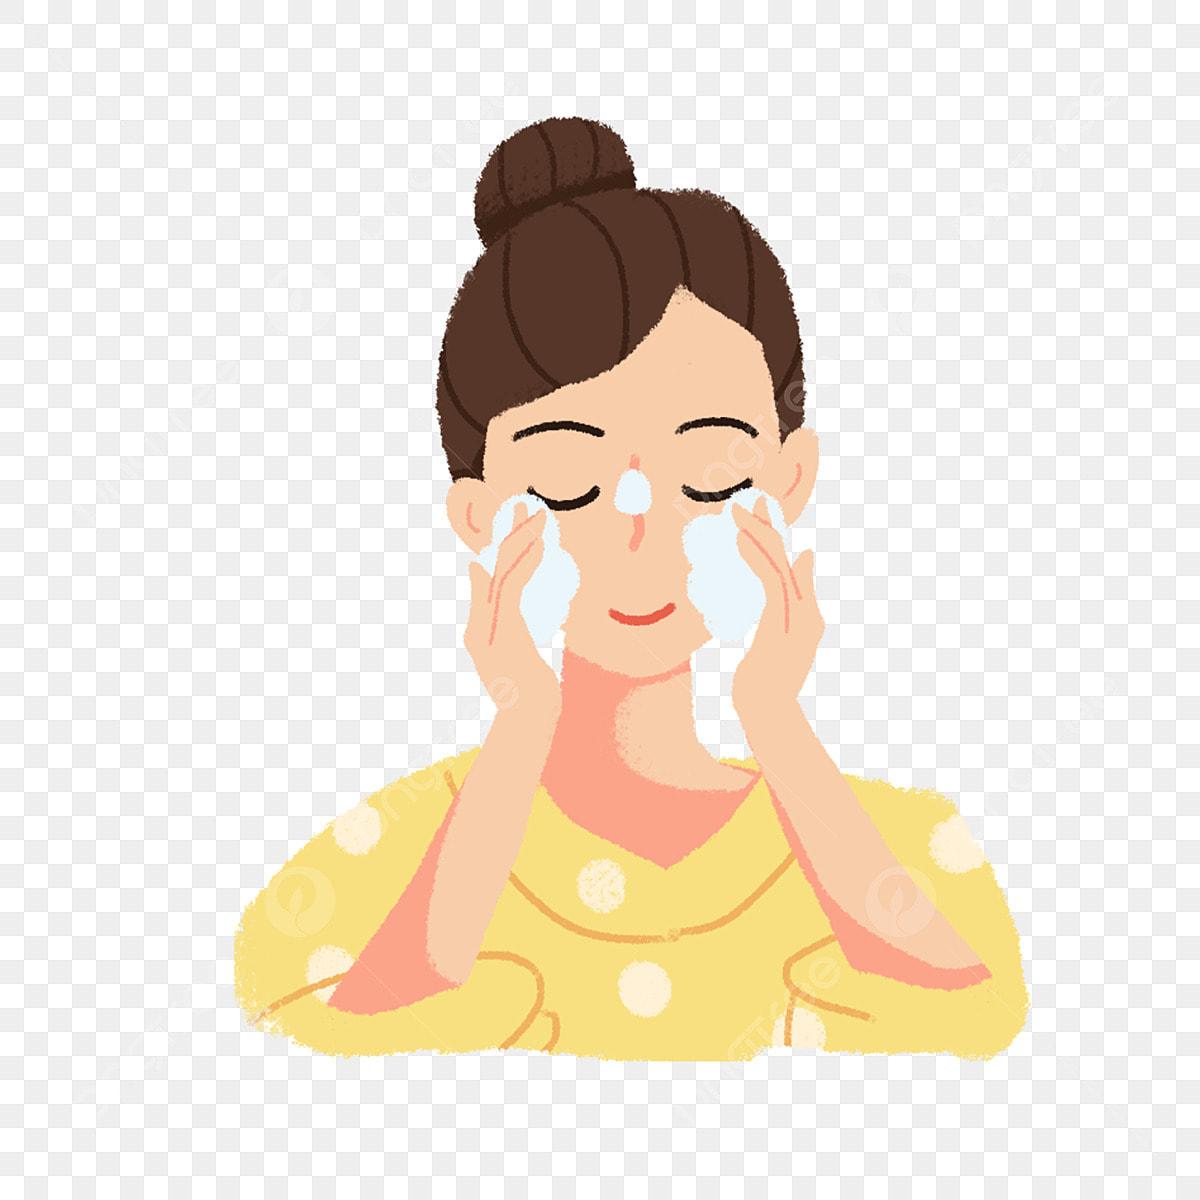 gambar girl kanak perempuan menghadapi mengenakan butang rajah kartun gelembung gadis kartun dalam kartun muka kartun gelembung gadis kartun dalam kartun muka kanak perempuan menghadapi mengenakan butang rajah mencuci png dan psd https ms pngtree com freepng girl in face wash free button 4580445 html